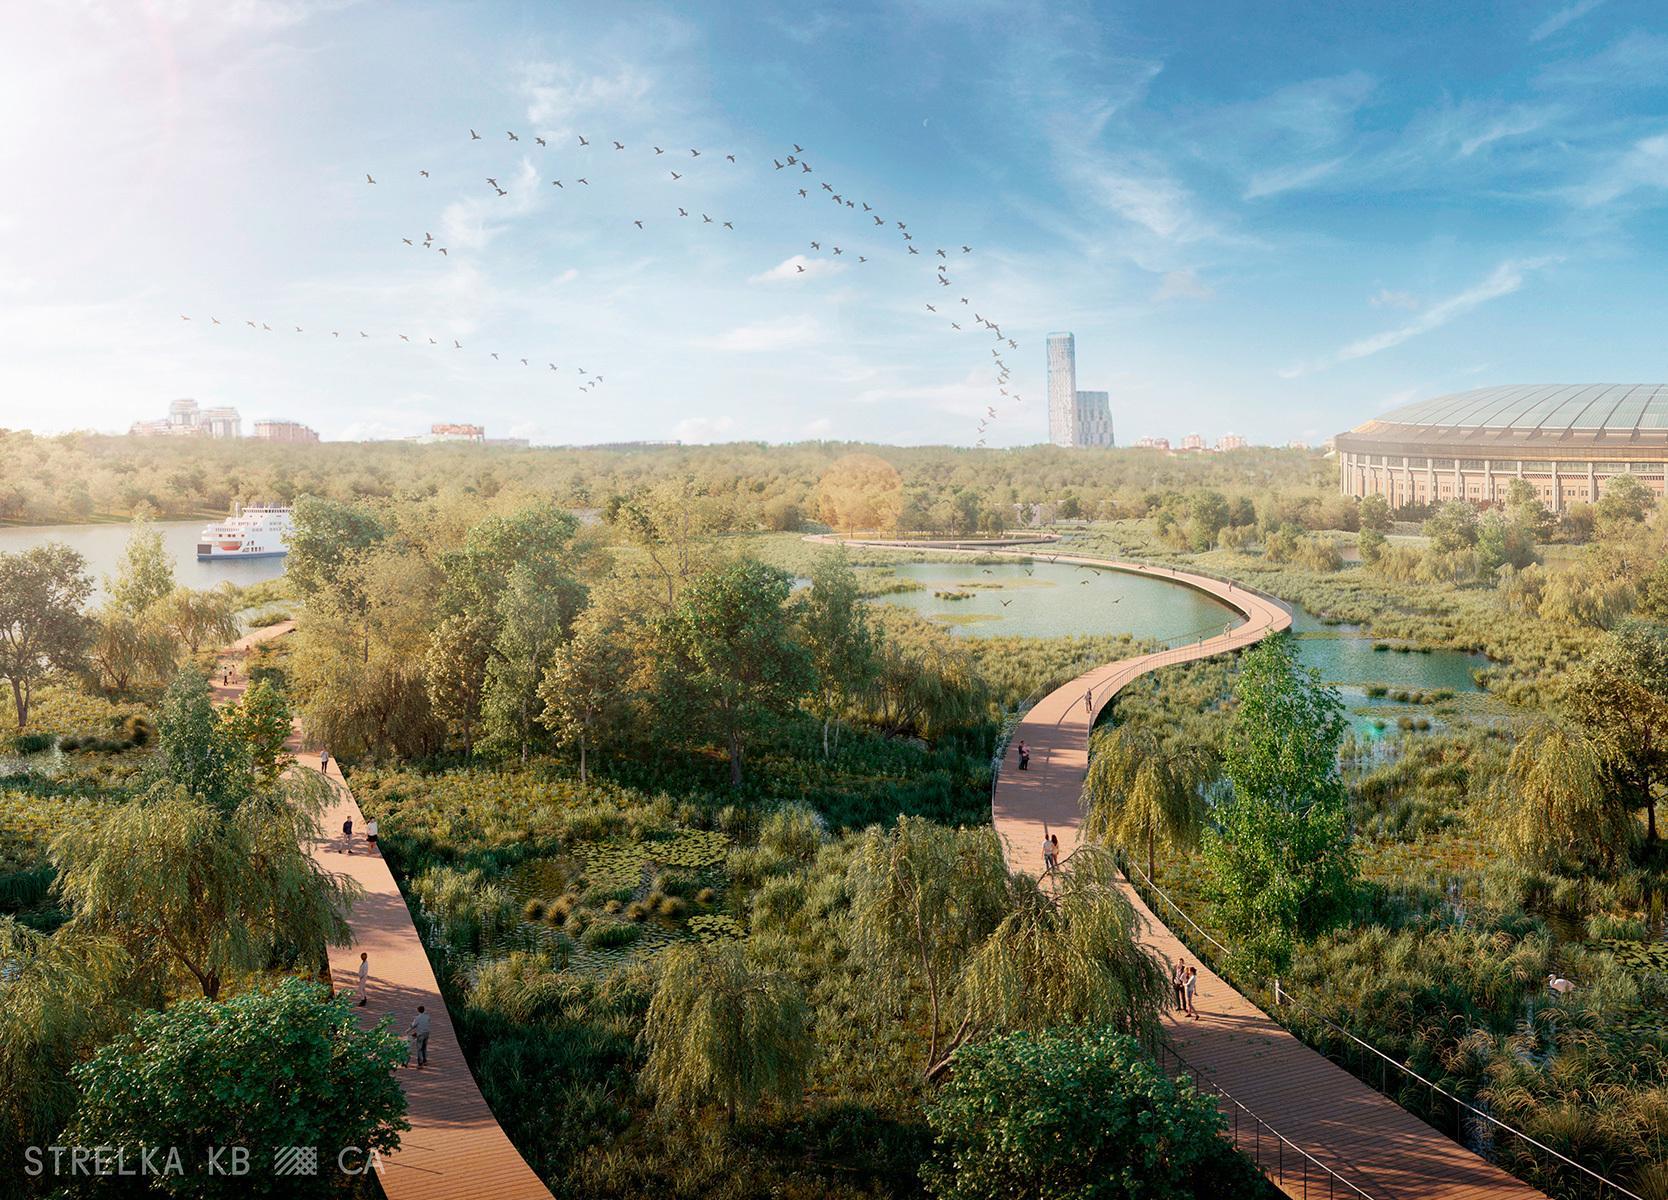 «Ливневая канализация начинает себя изживать»: зачем освобождать московские реки из коллекторов